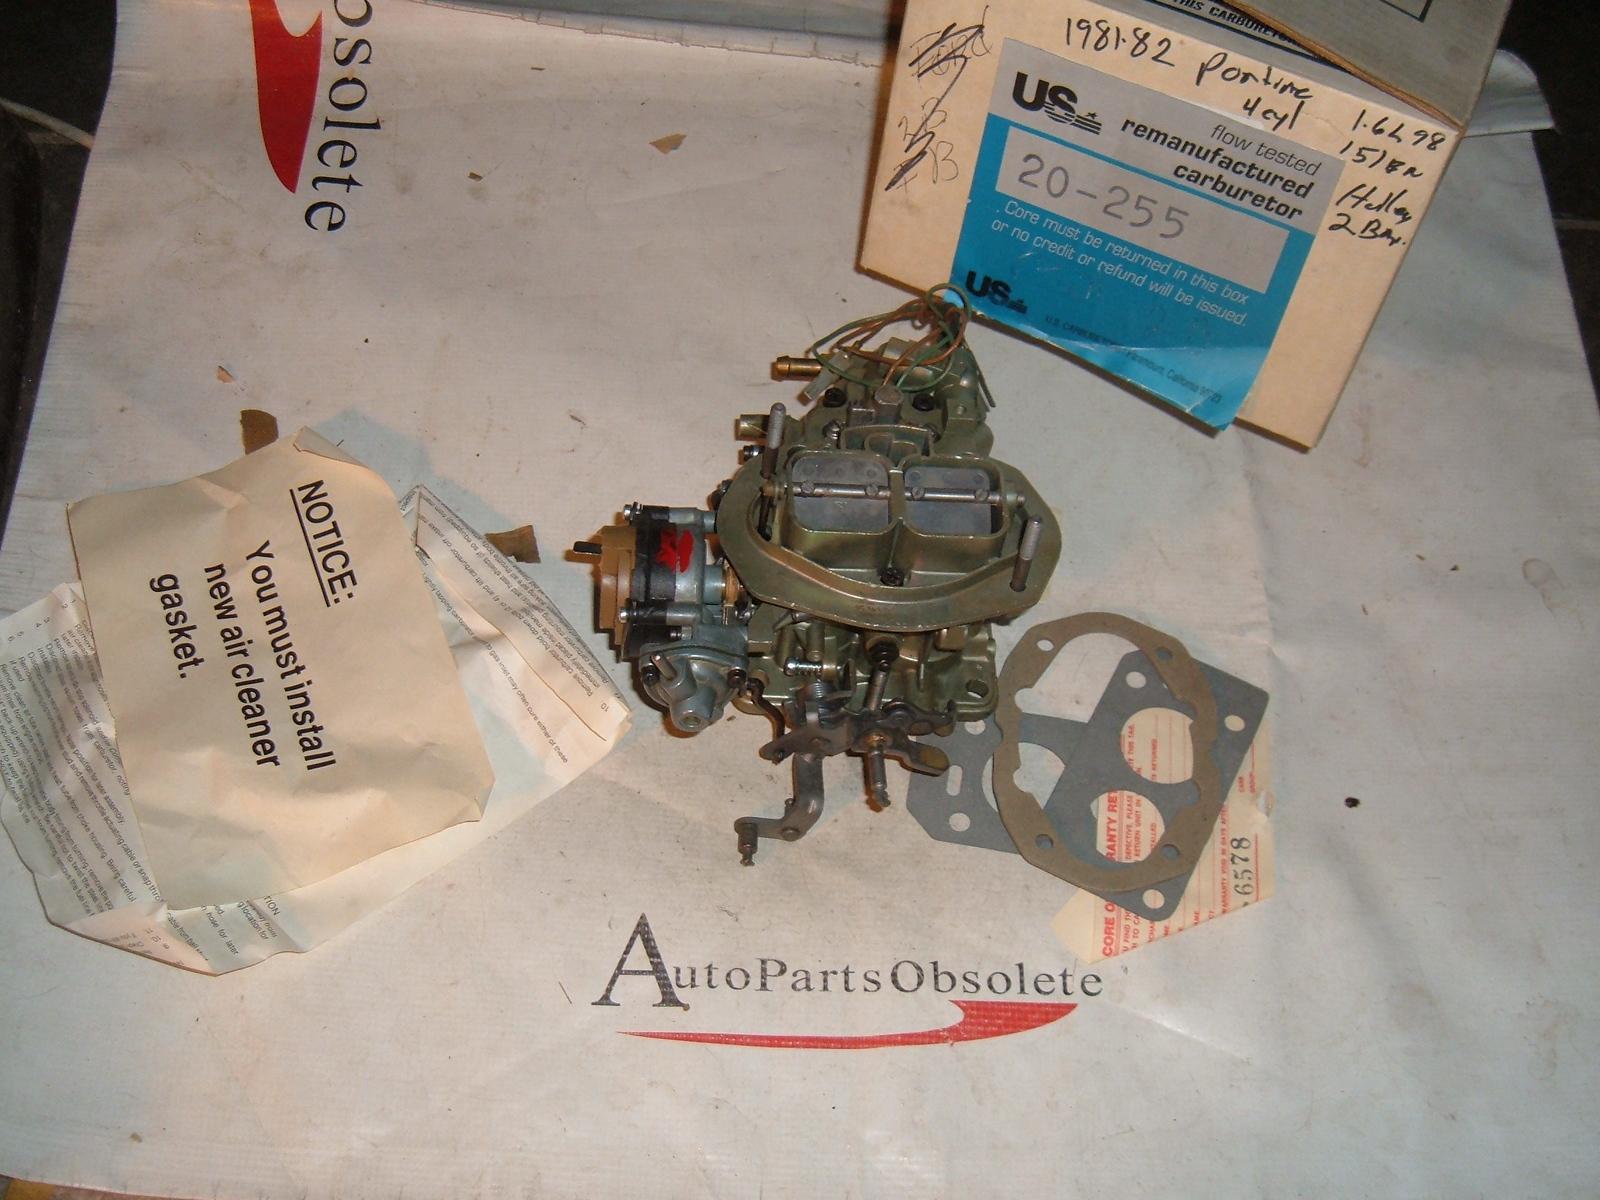 1981 82 pontiac holley 2 barrel carburetor 4cyl eng (z 20255)